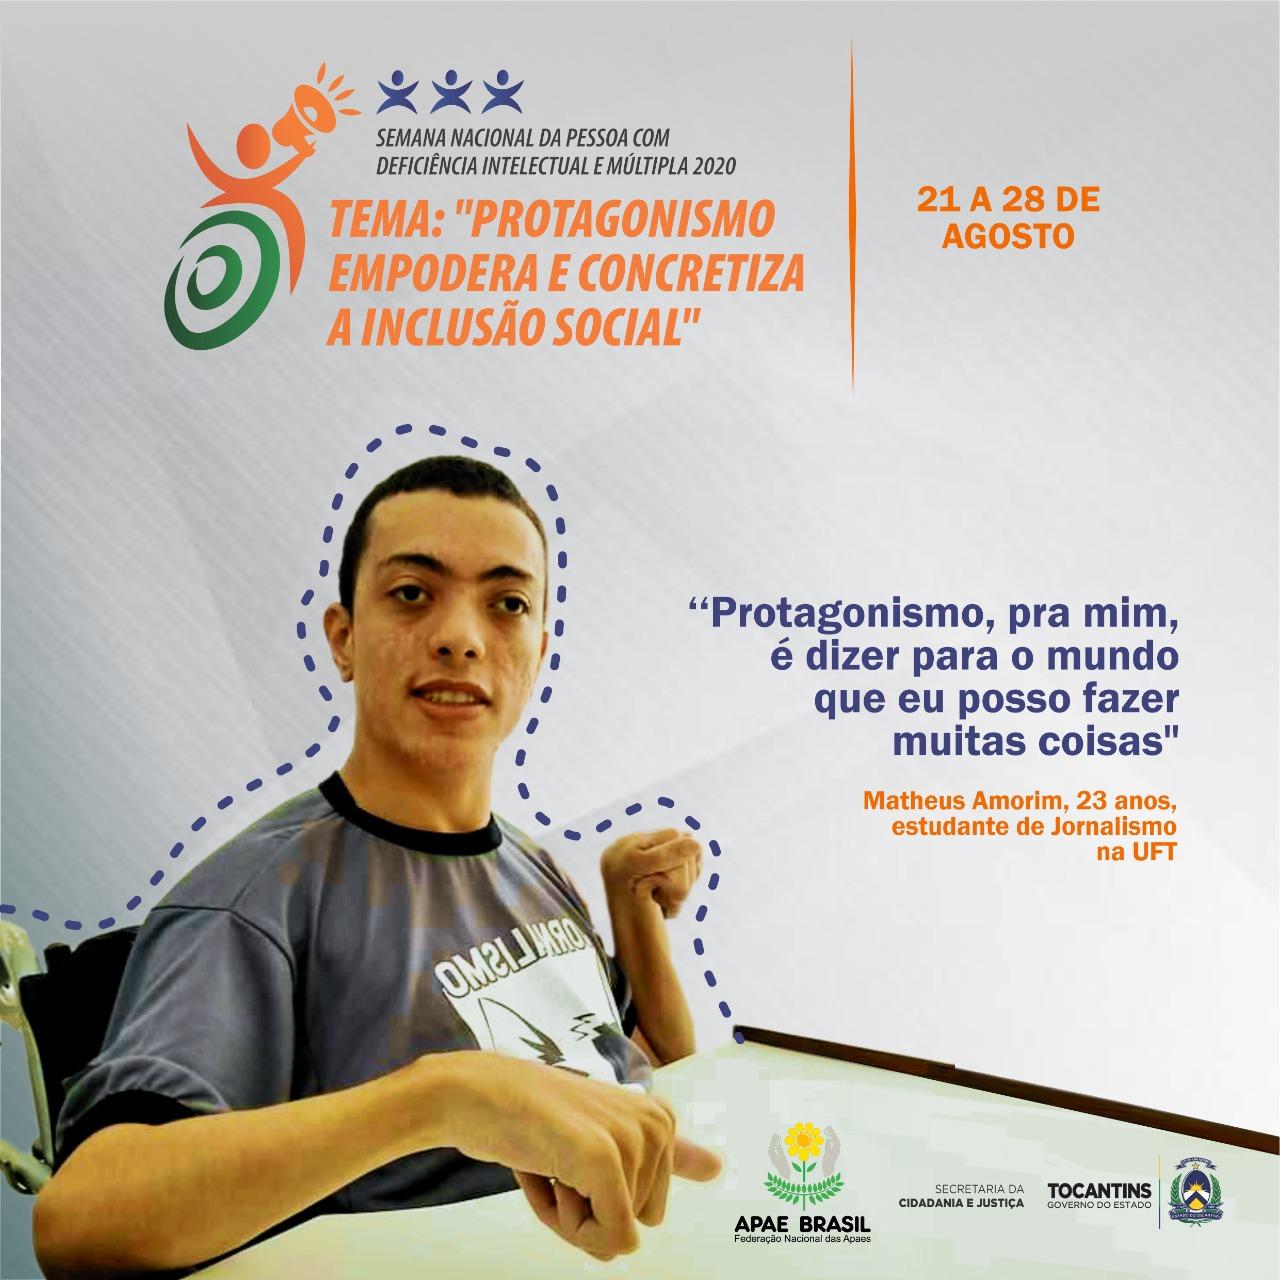 Semana Nacional da pessoa com Deficiência Intelectual e Múltipla debate protagonismo e empoderamento